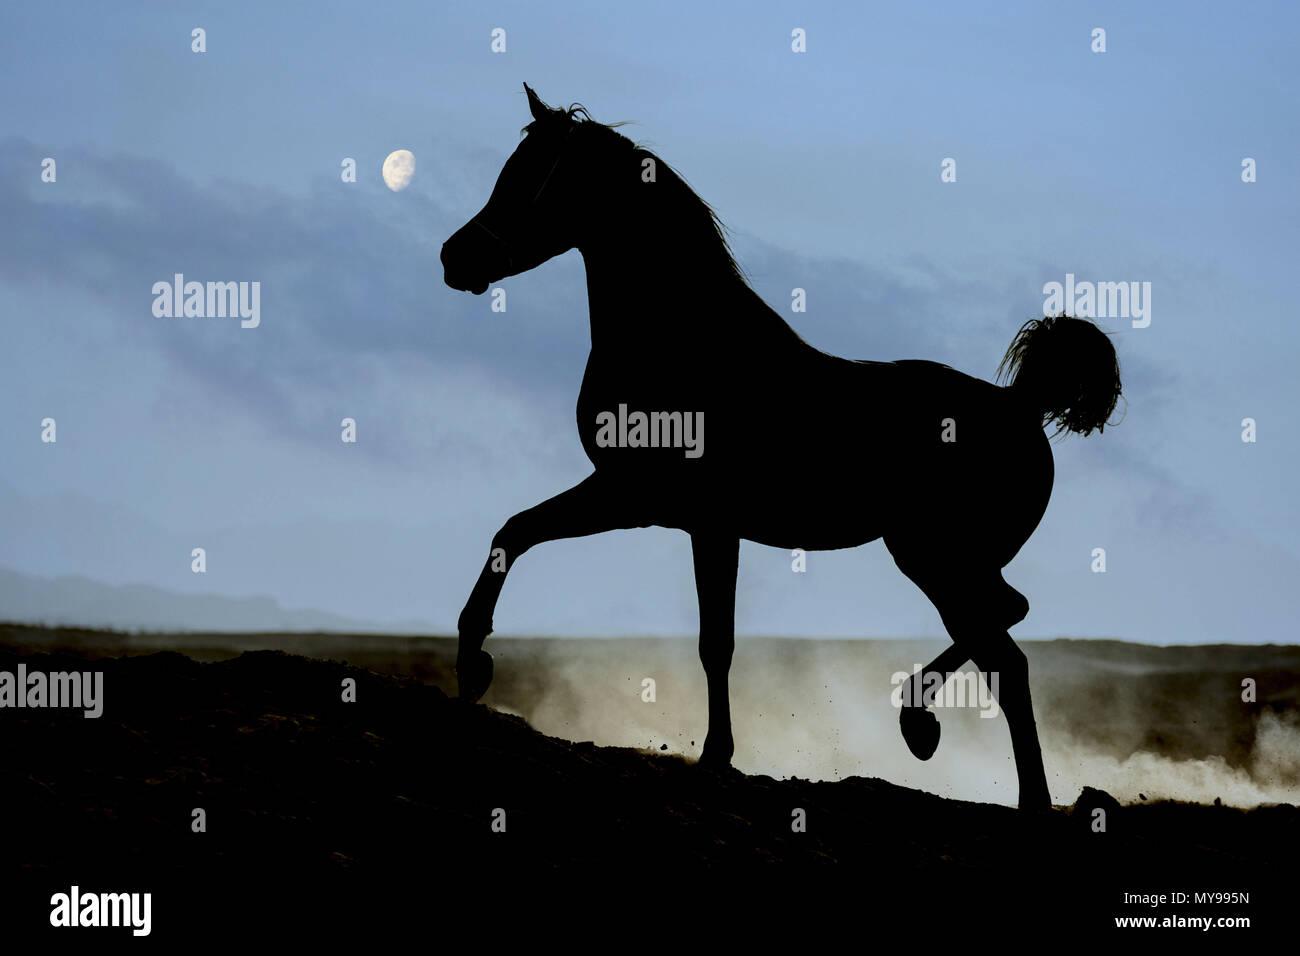 Arabische Pferd. Schwarzer Hengst in der Wüste Trab, gegen den Mond. Ägypten Stockbild